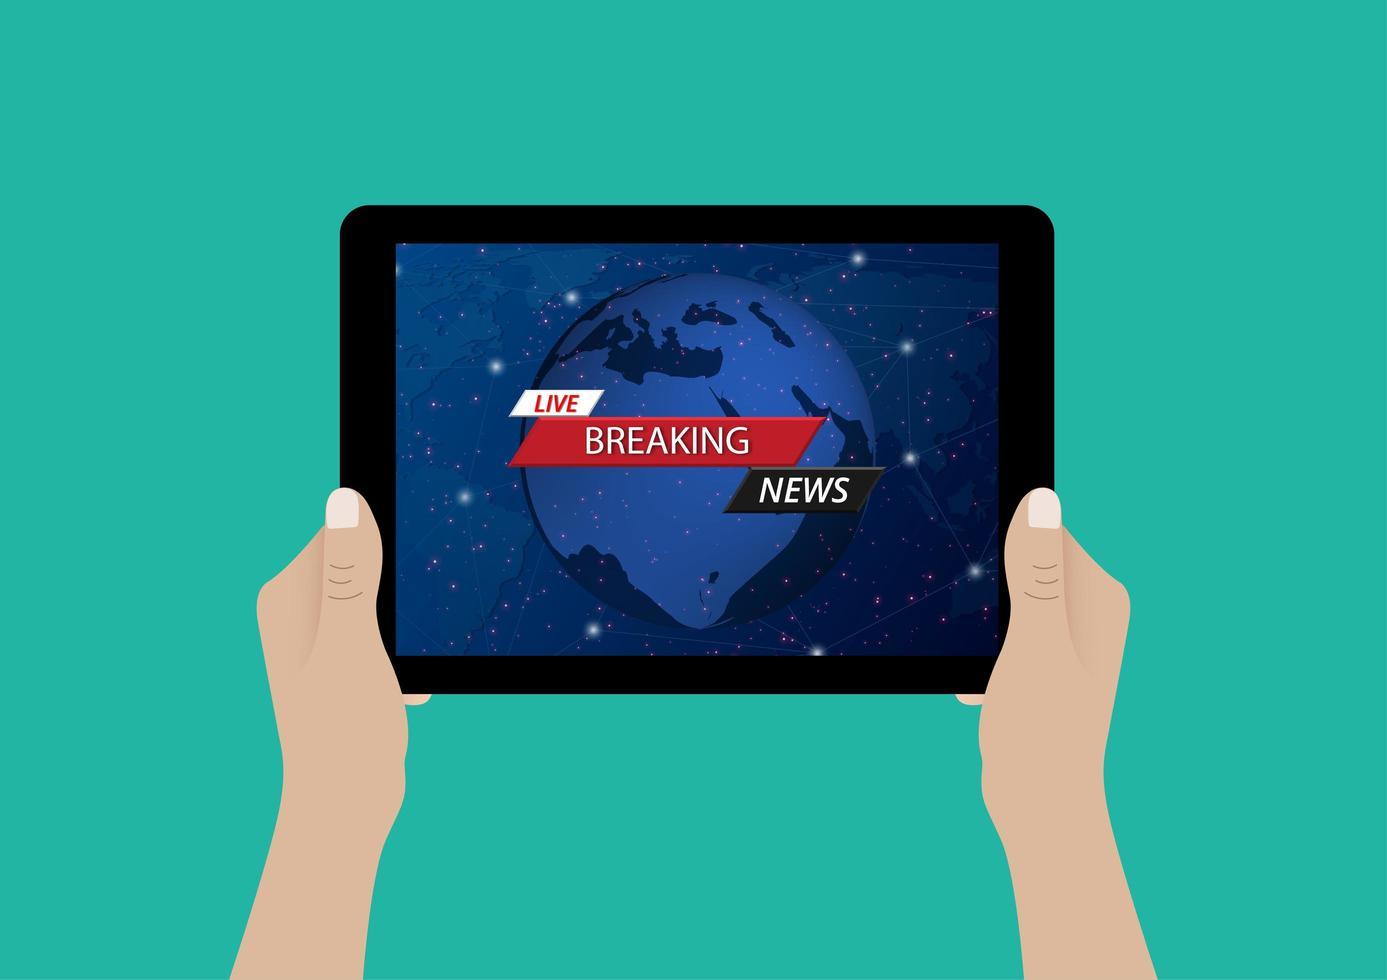 Online-Artikel über aktuelle Nachrichten auf dem Tablet-Bildschirm vektor